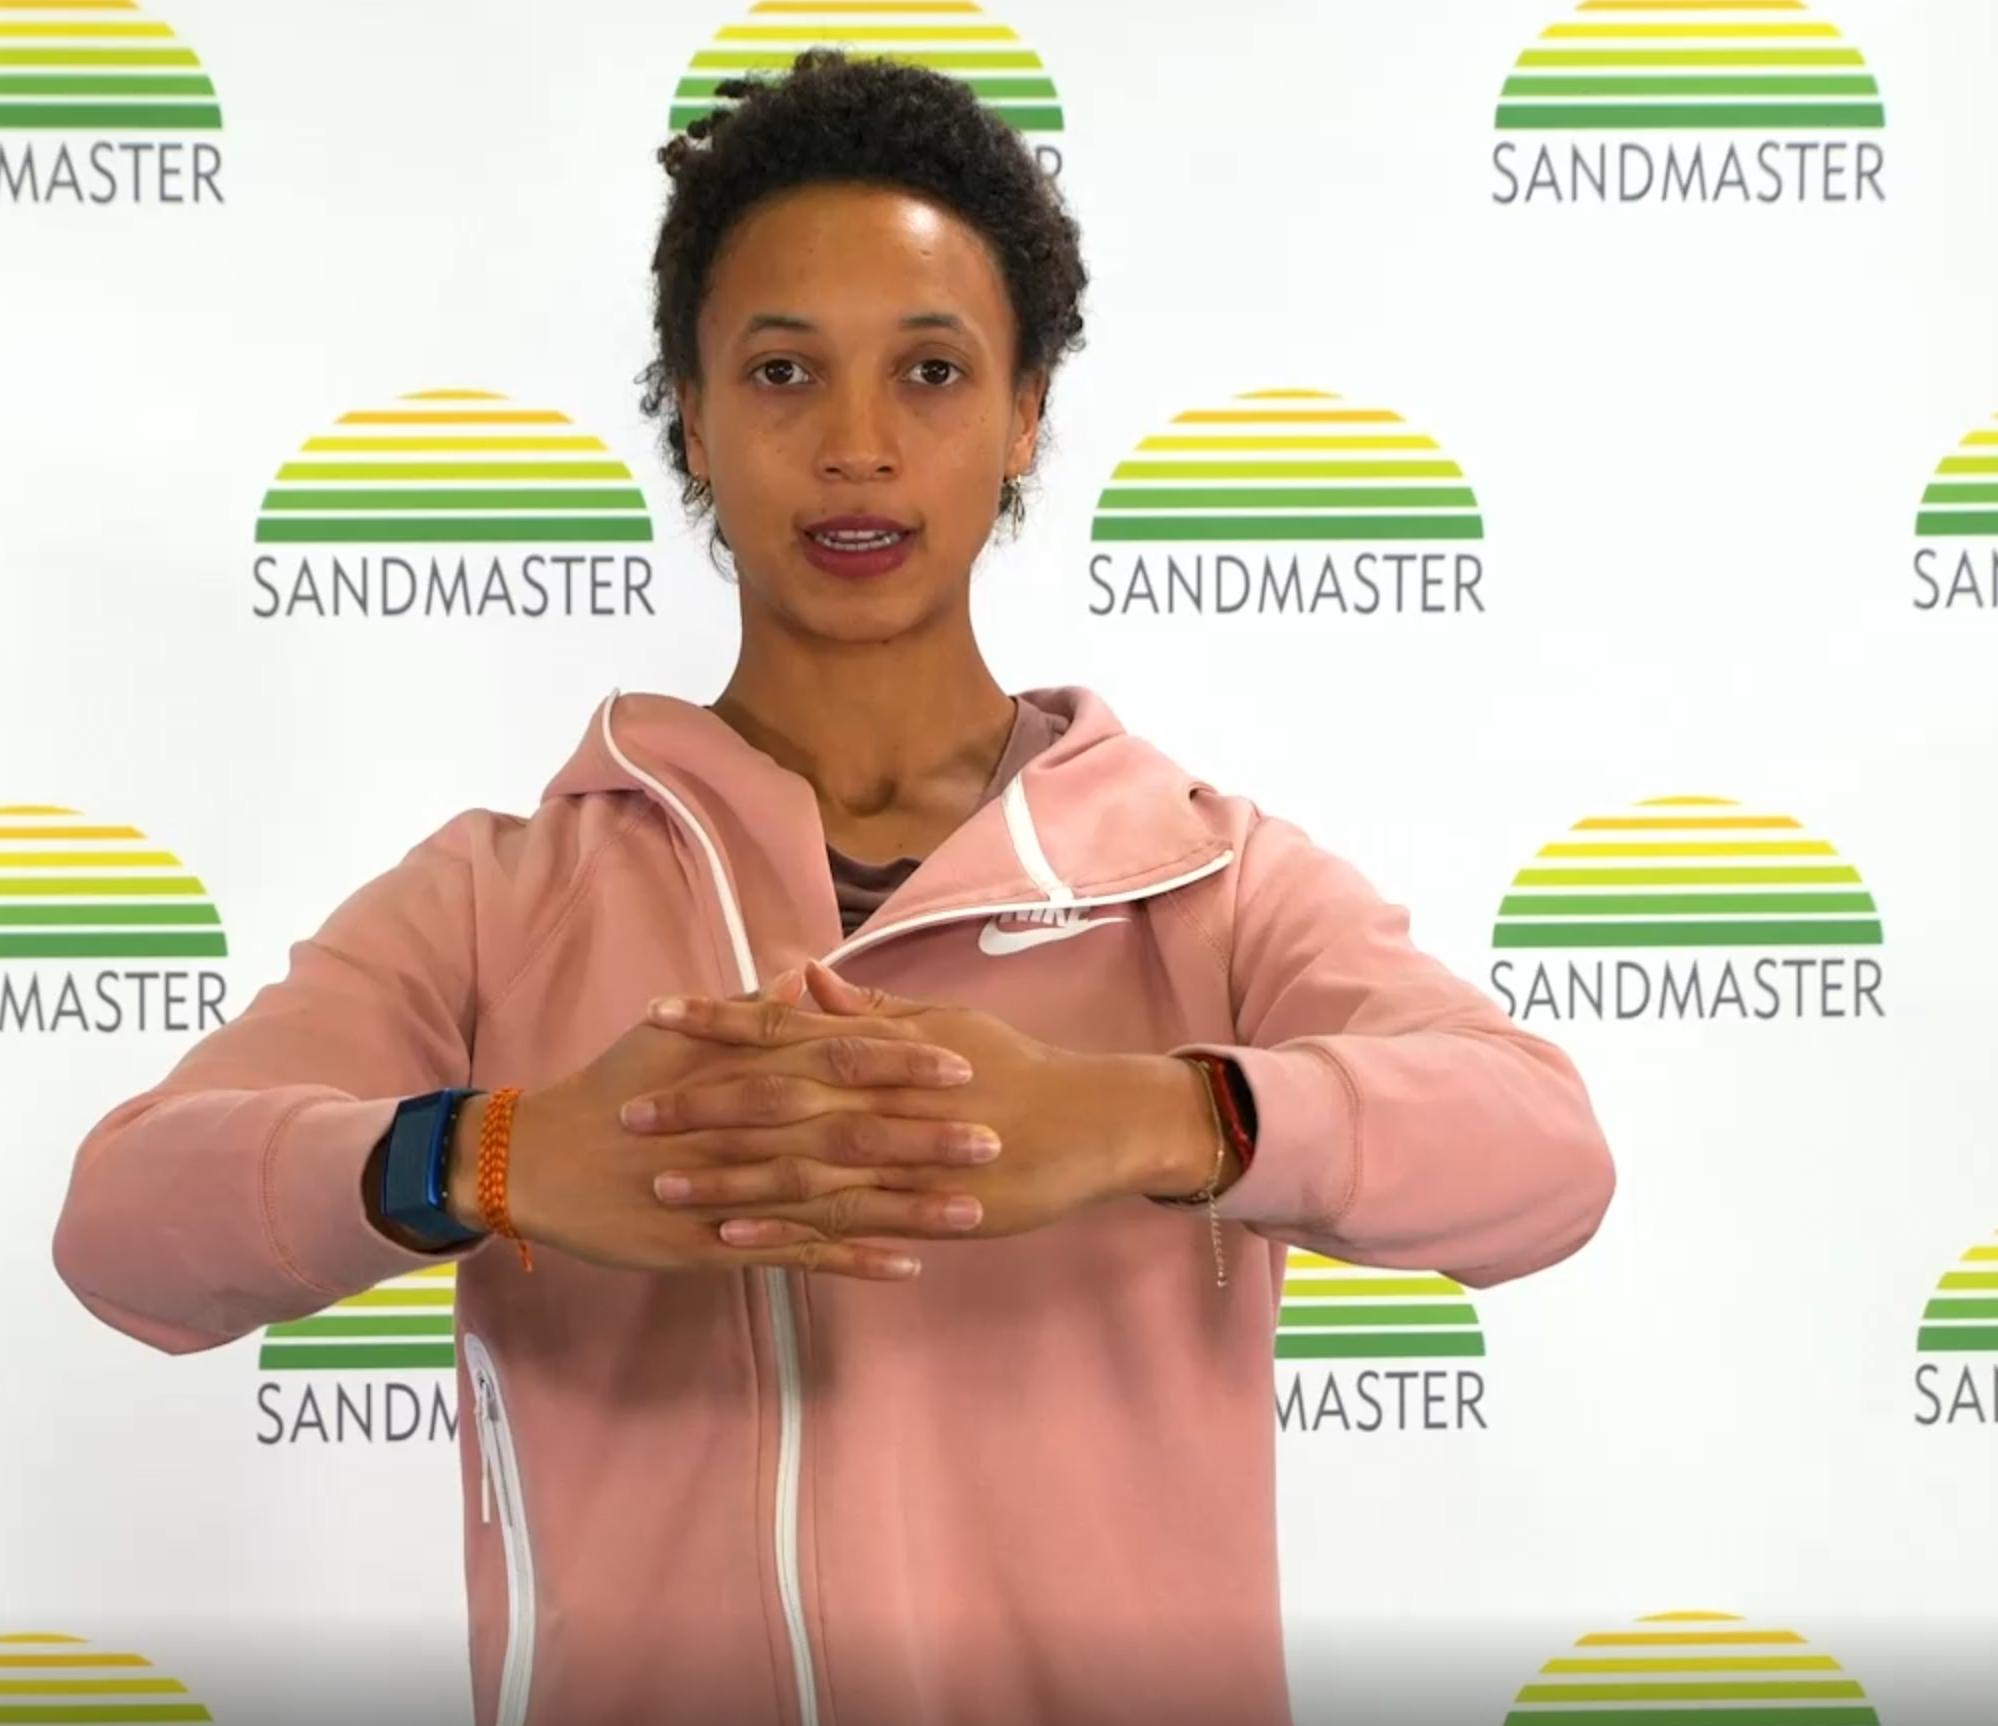 bewegungsprogramm: Dehnung und Beweglichkeit mit Malaika Mihambo und Sandmaster